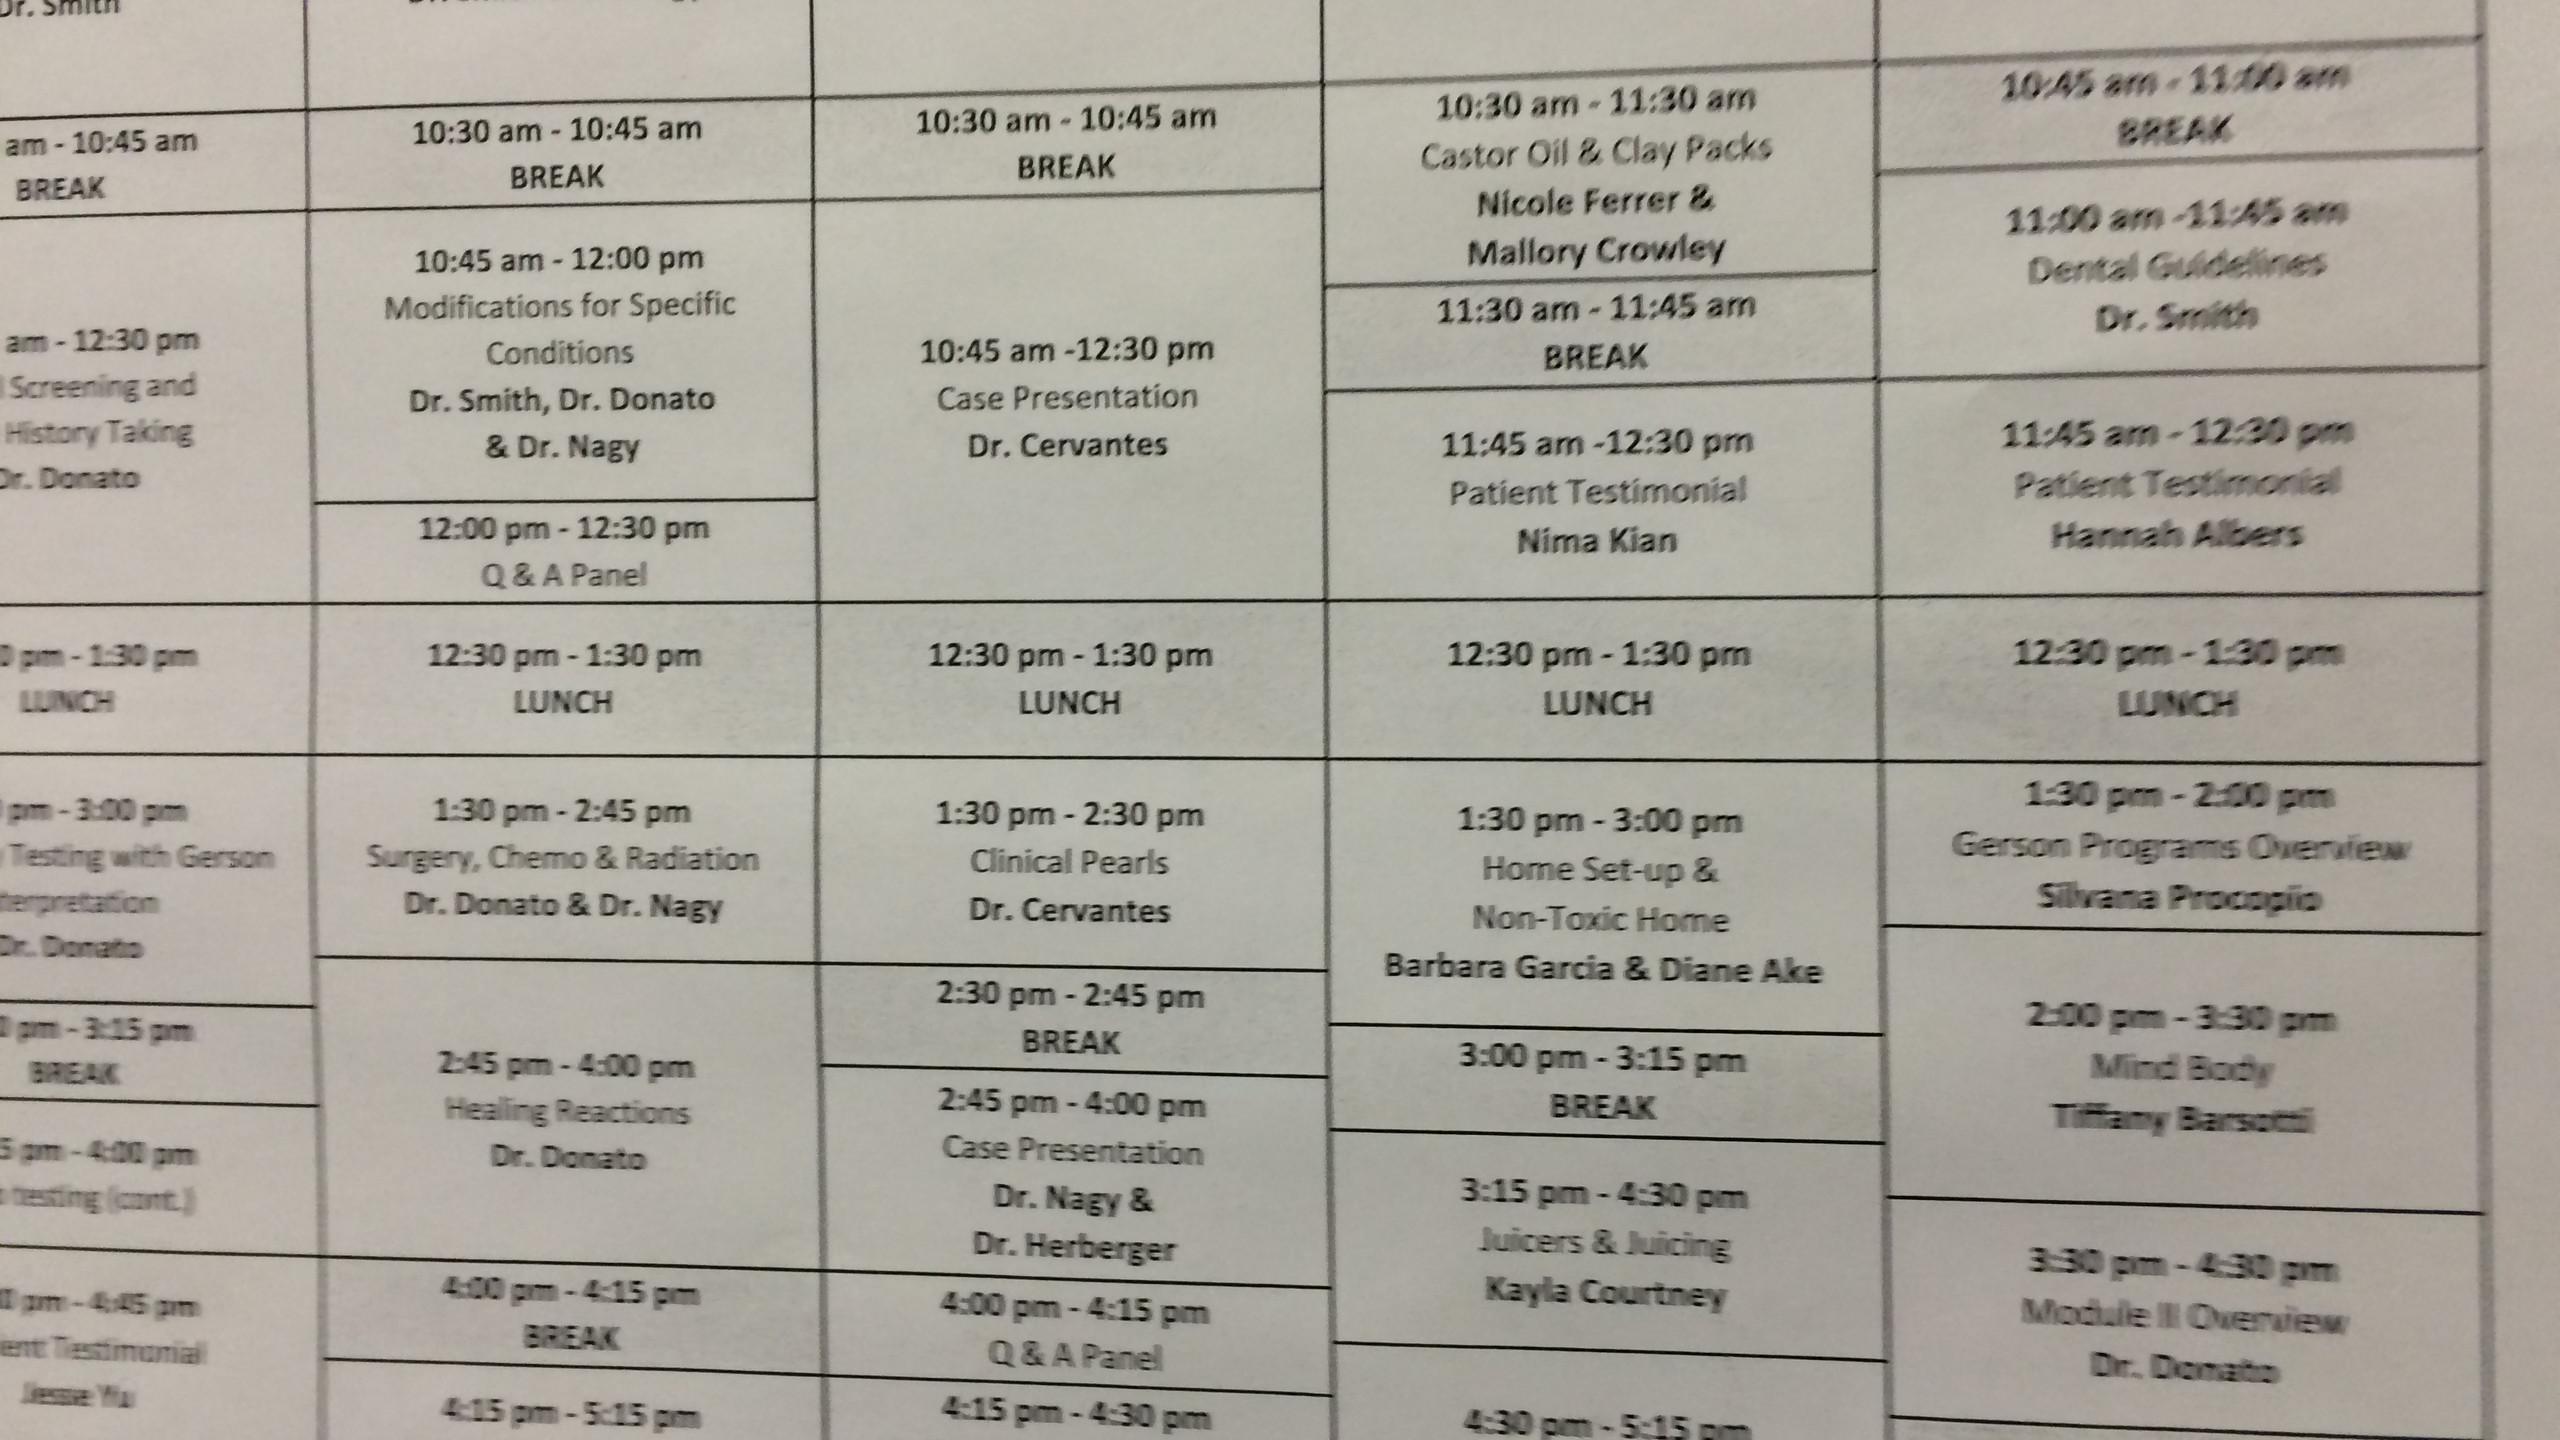 Stundenplan der Fortbildung